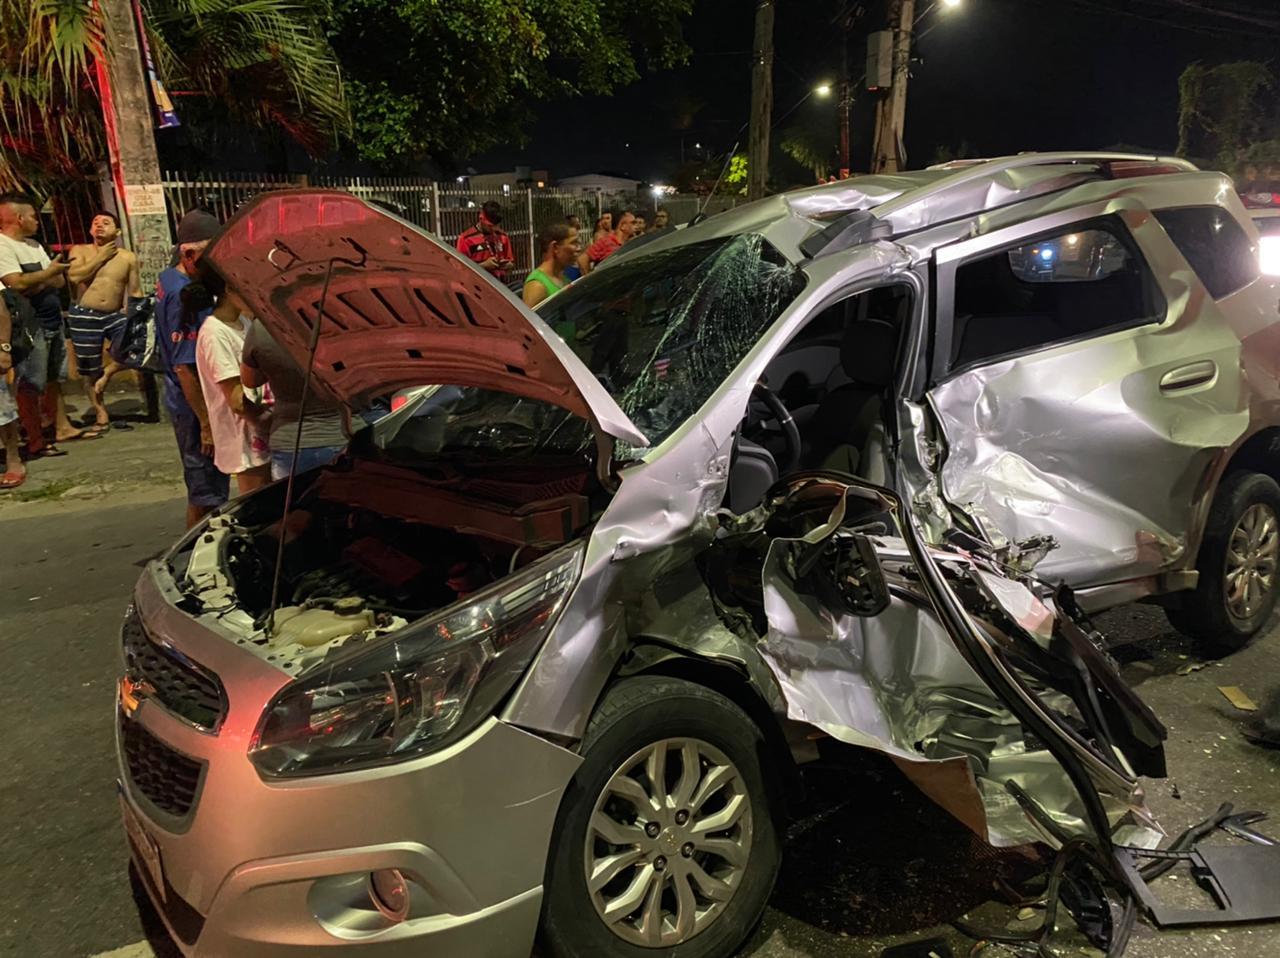 Caminhão atinge carro de passeio em grave acidente na Zona Leste